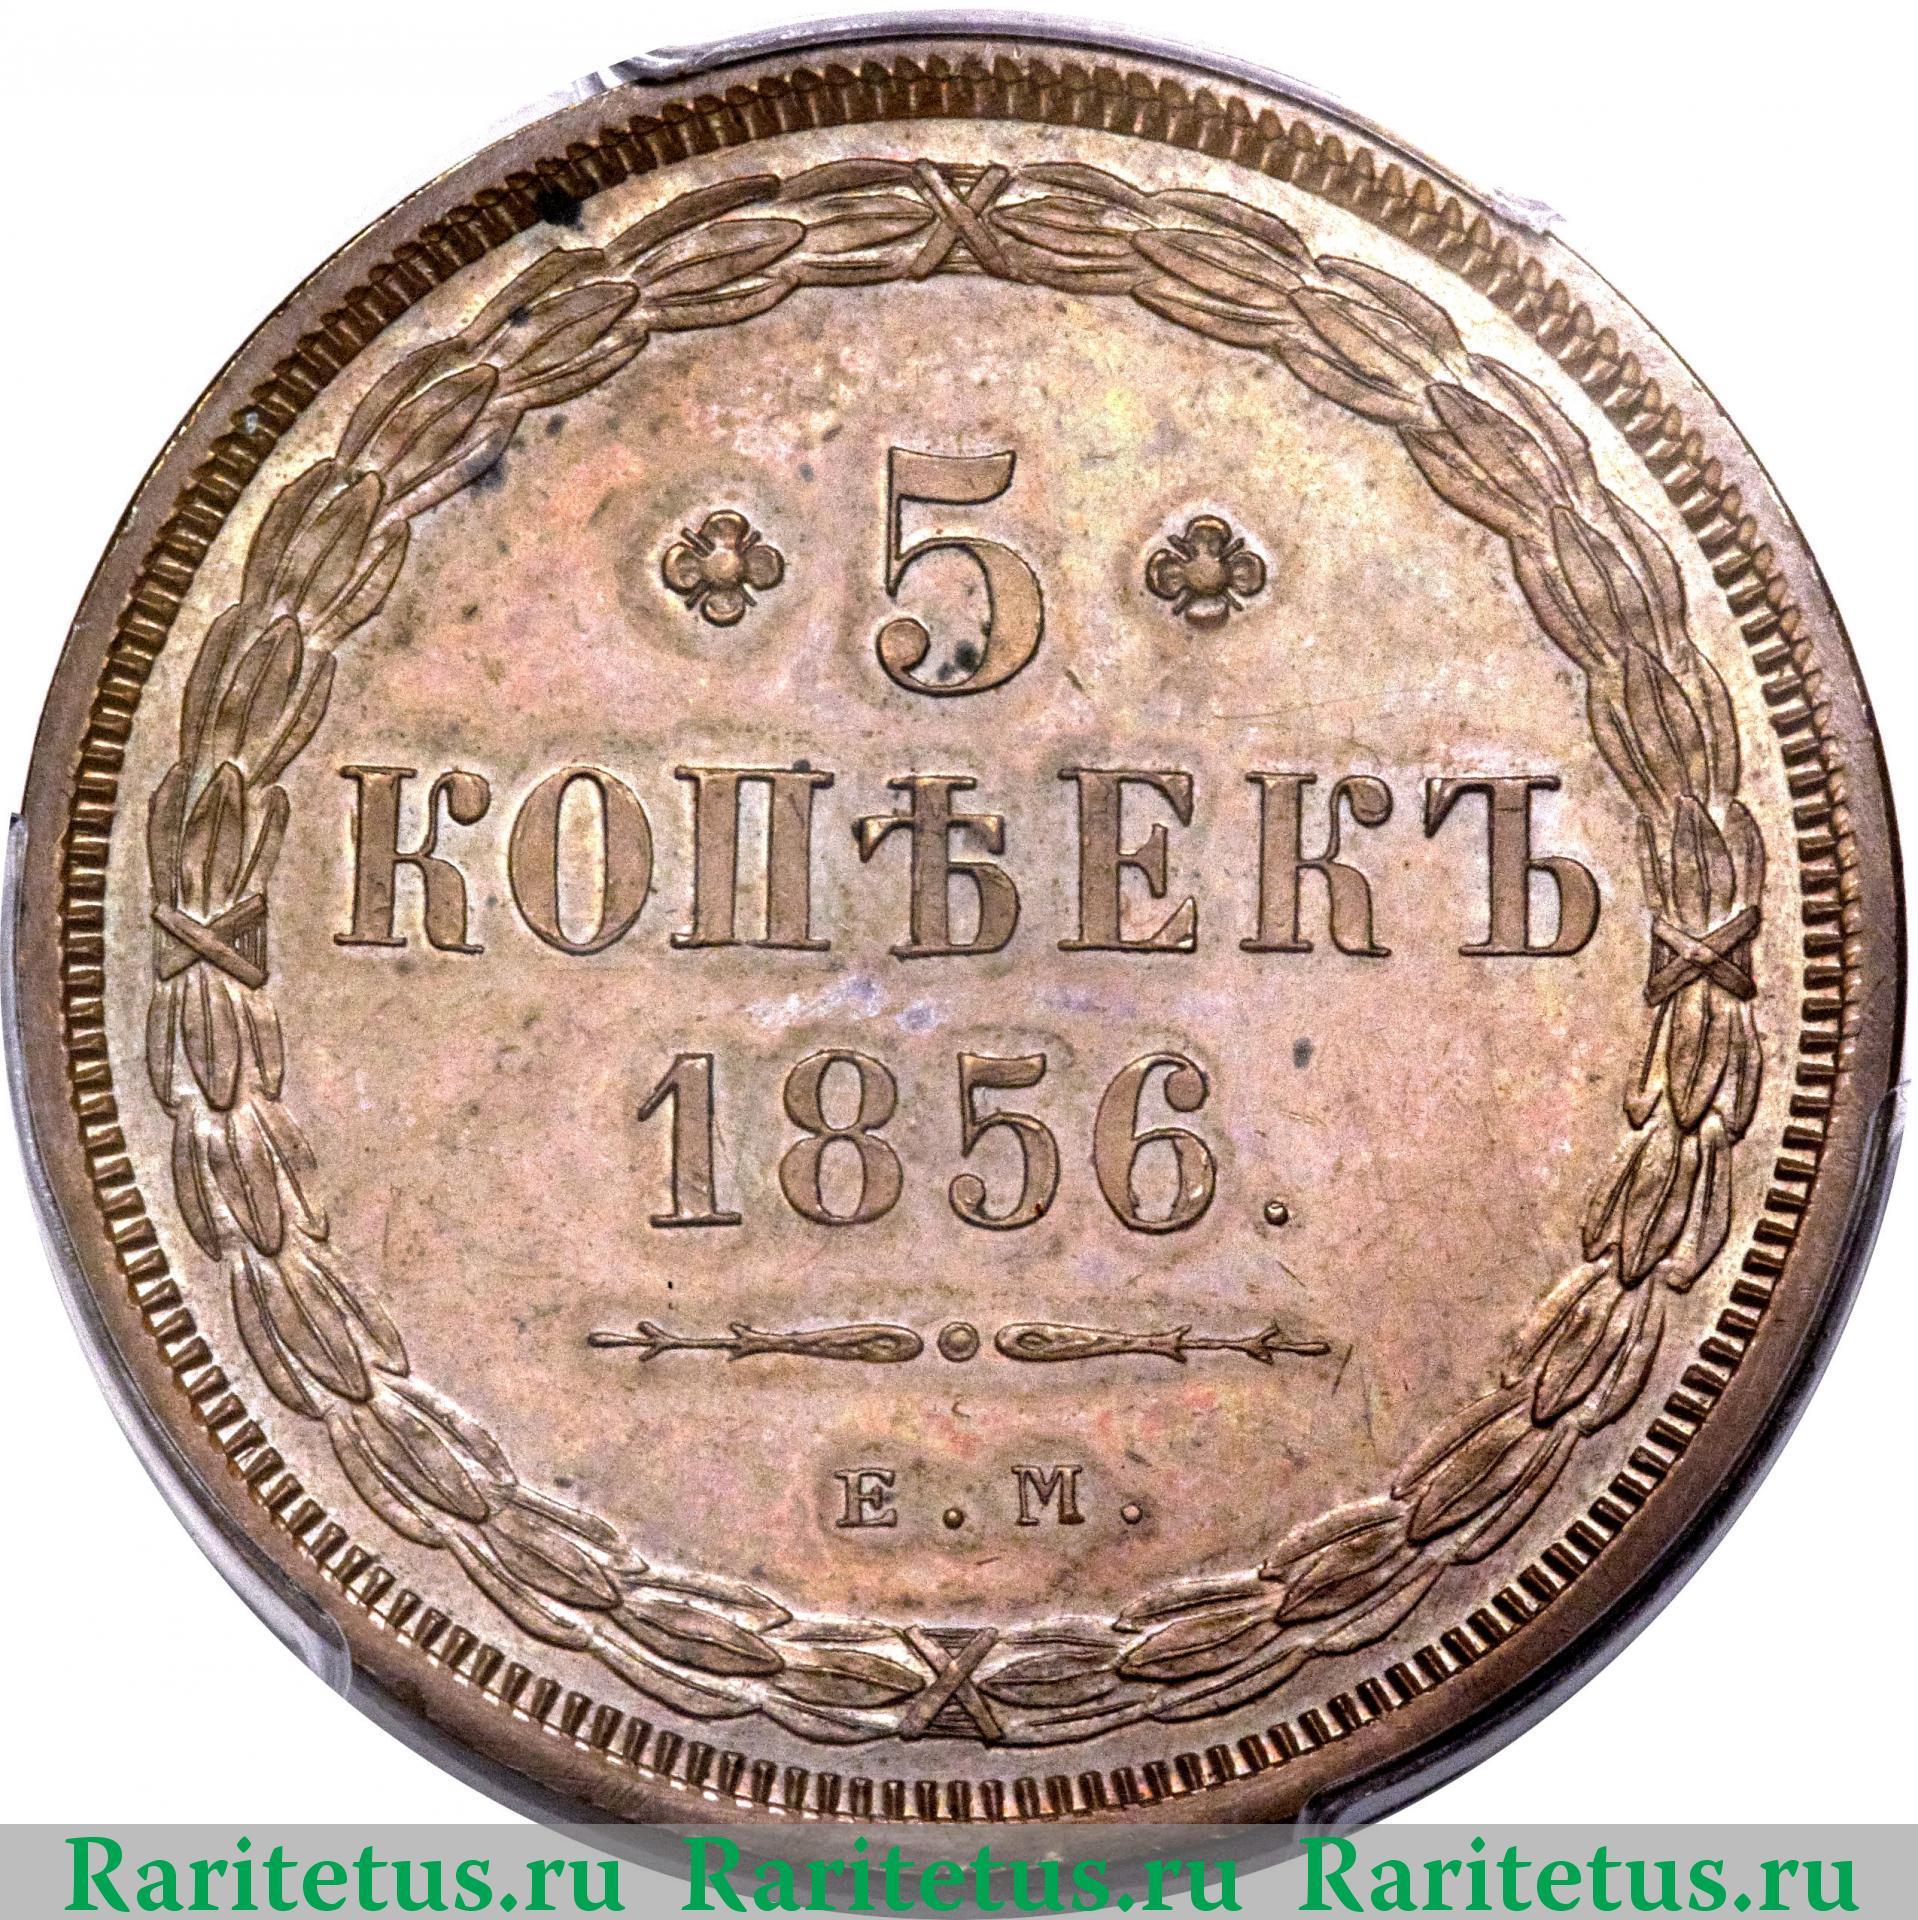 Копейка 1856 года цена стоимость монеты альбомы для чекана